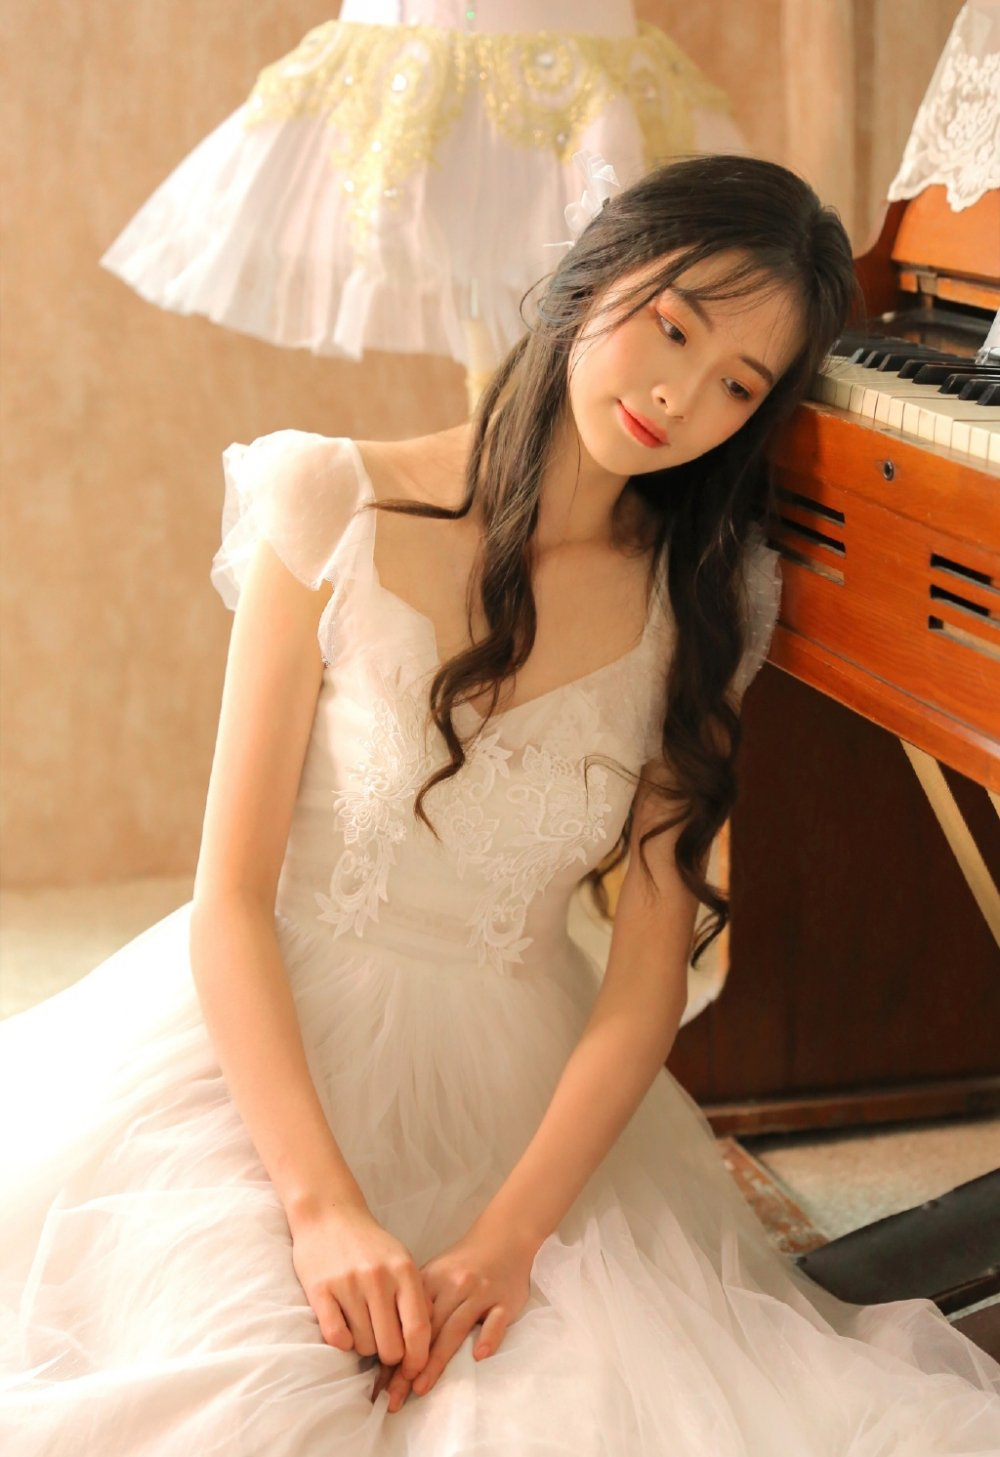 蕾丝裙小仙女华丽闺房私房写真